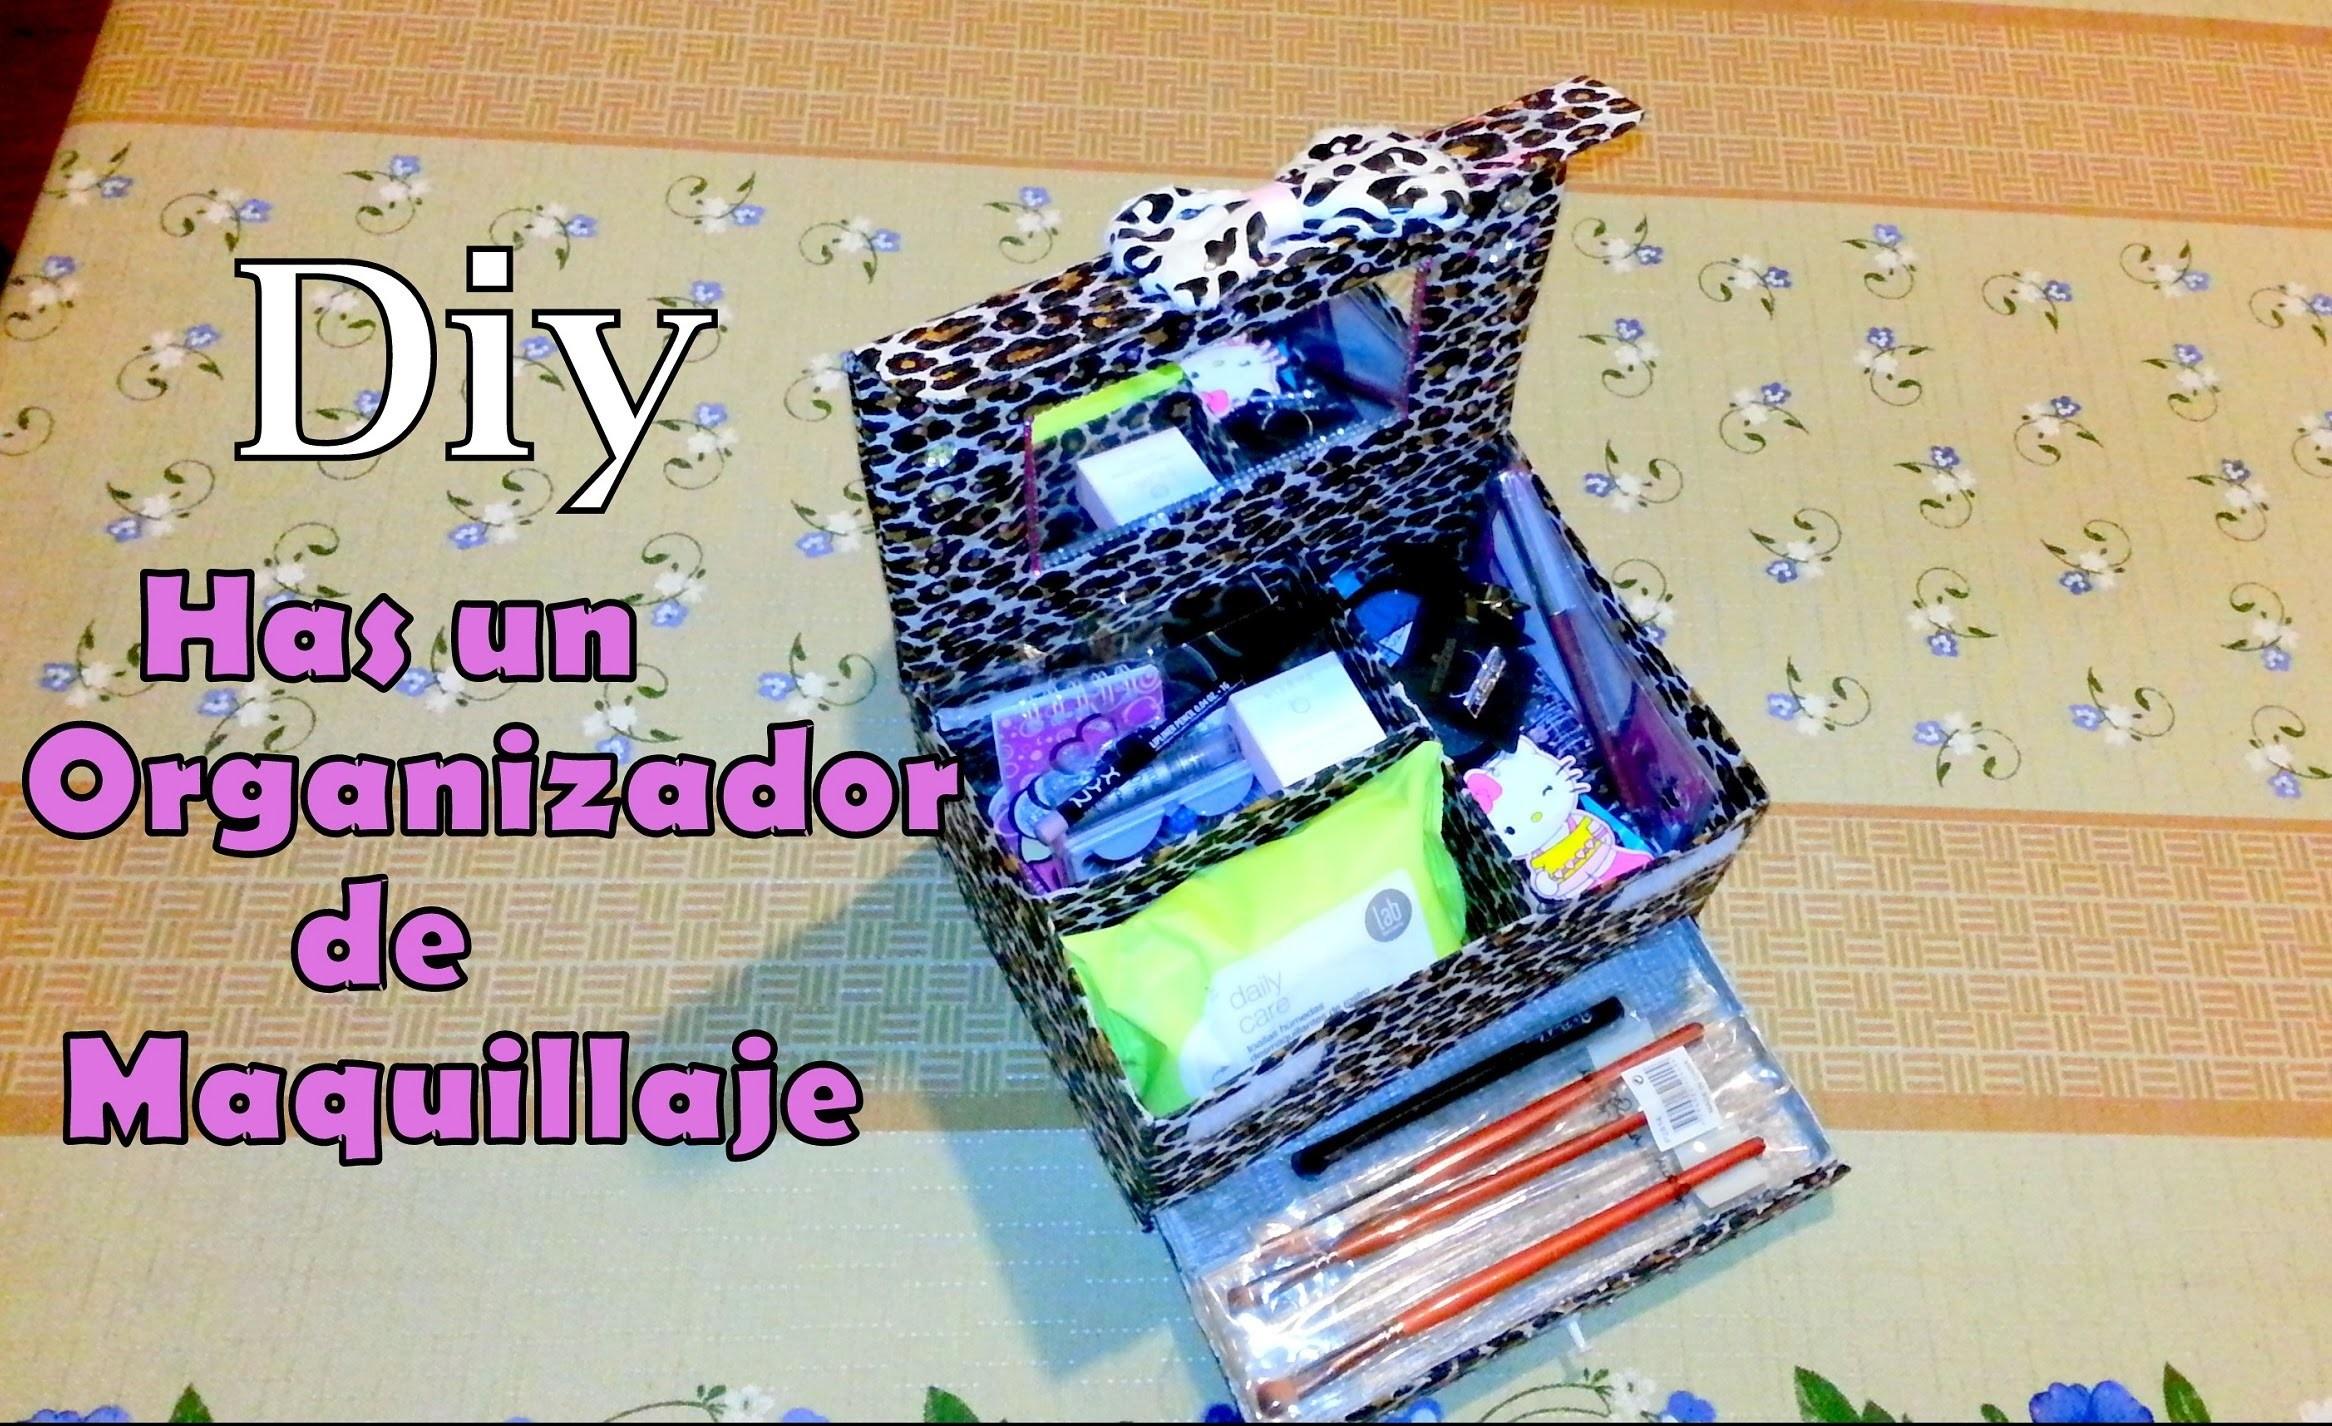 DIY organizador de maquillaje (makeup organizer)